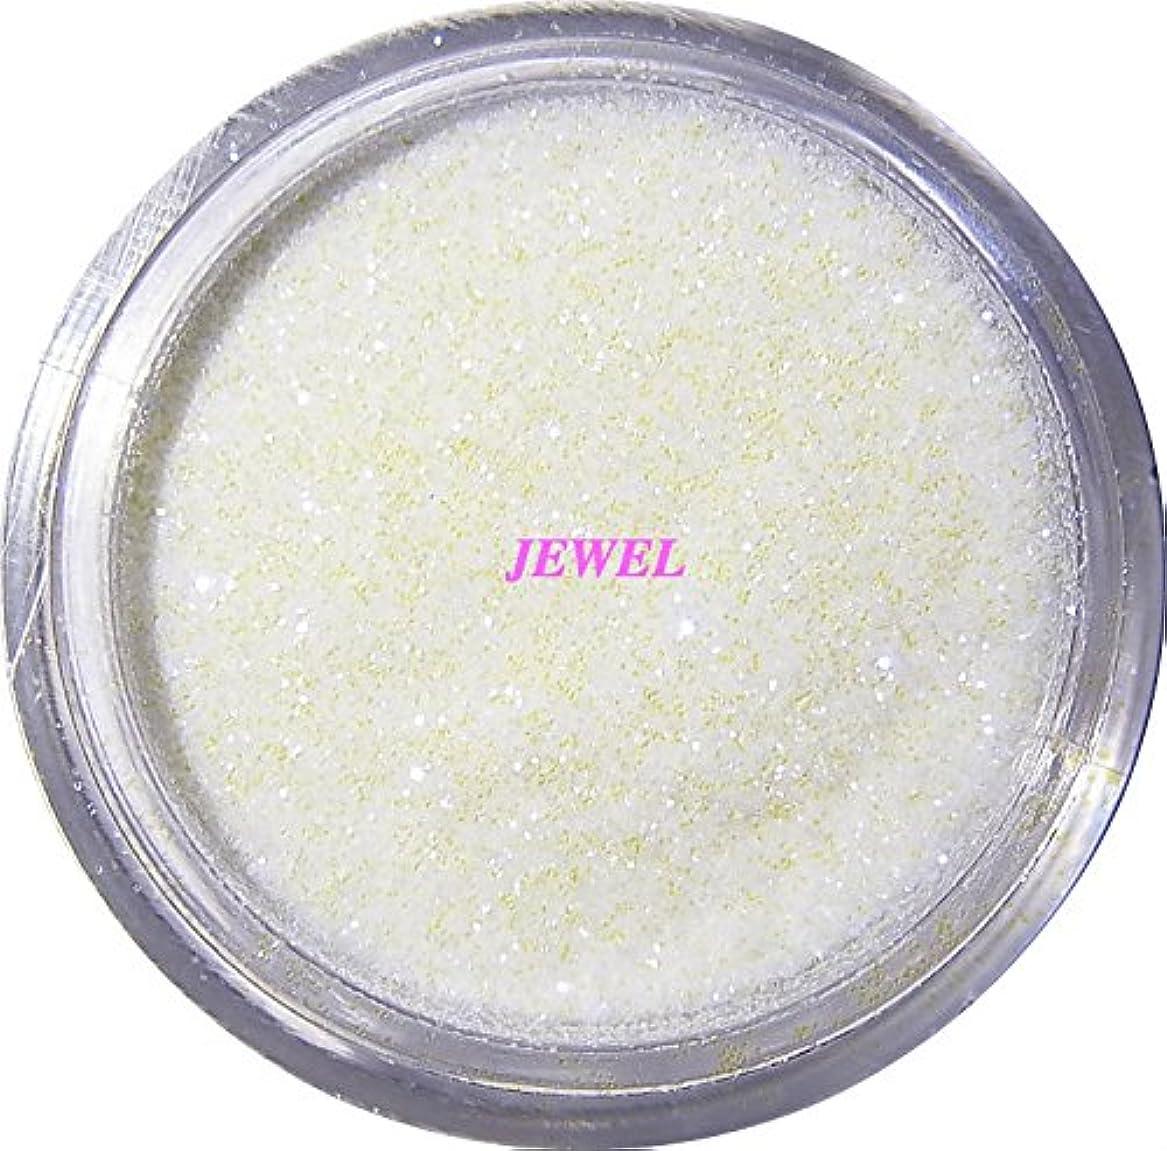 ホット懇願する支払い【jewel】 超微粒子ラメパウダーたっぷり2g入り 12色から選択可能 レジン&ネイル用 (パールホワイト)